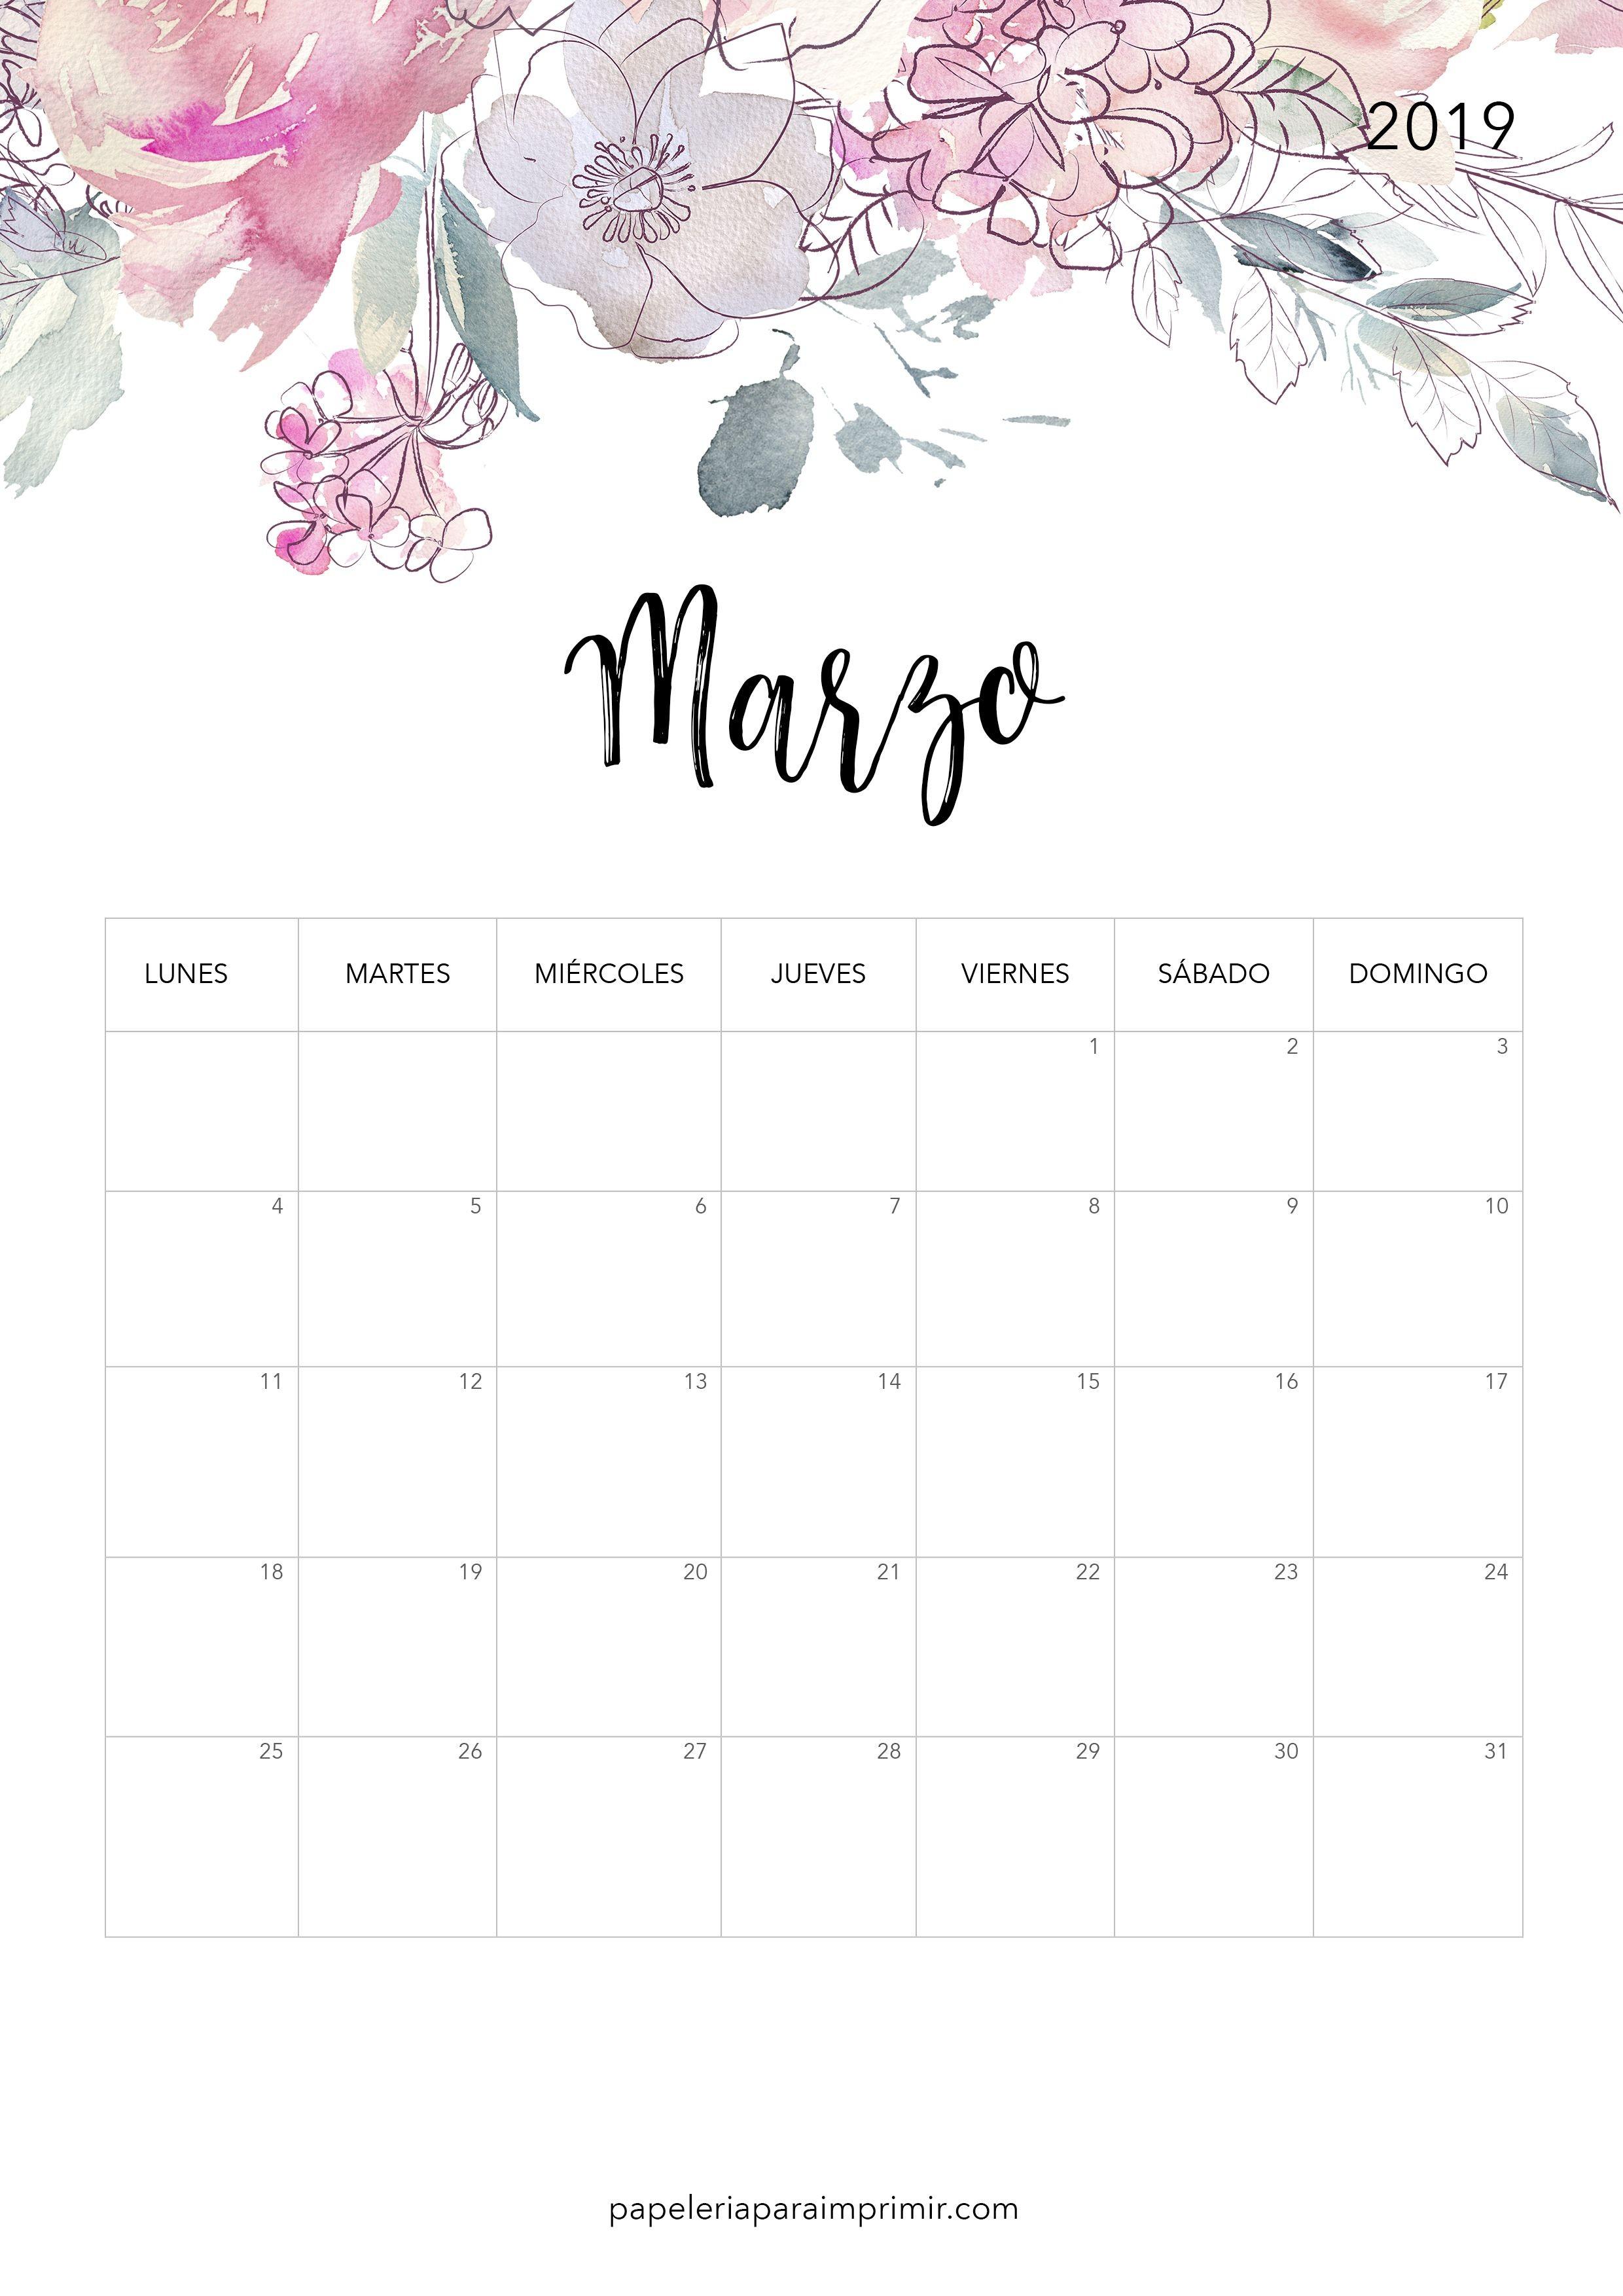 Calendario De Adviento 2017 Para Imprimir Gratis Más Actual Calendario Para Imprimir Marzo 2019 Calendario Imprimir Marzo Of Calendario De Adviento 2017 Para Imprimir Gratis Actual Calendari D Advent Diy Descargable Gratis En 3 Binacions De